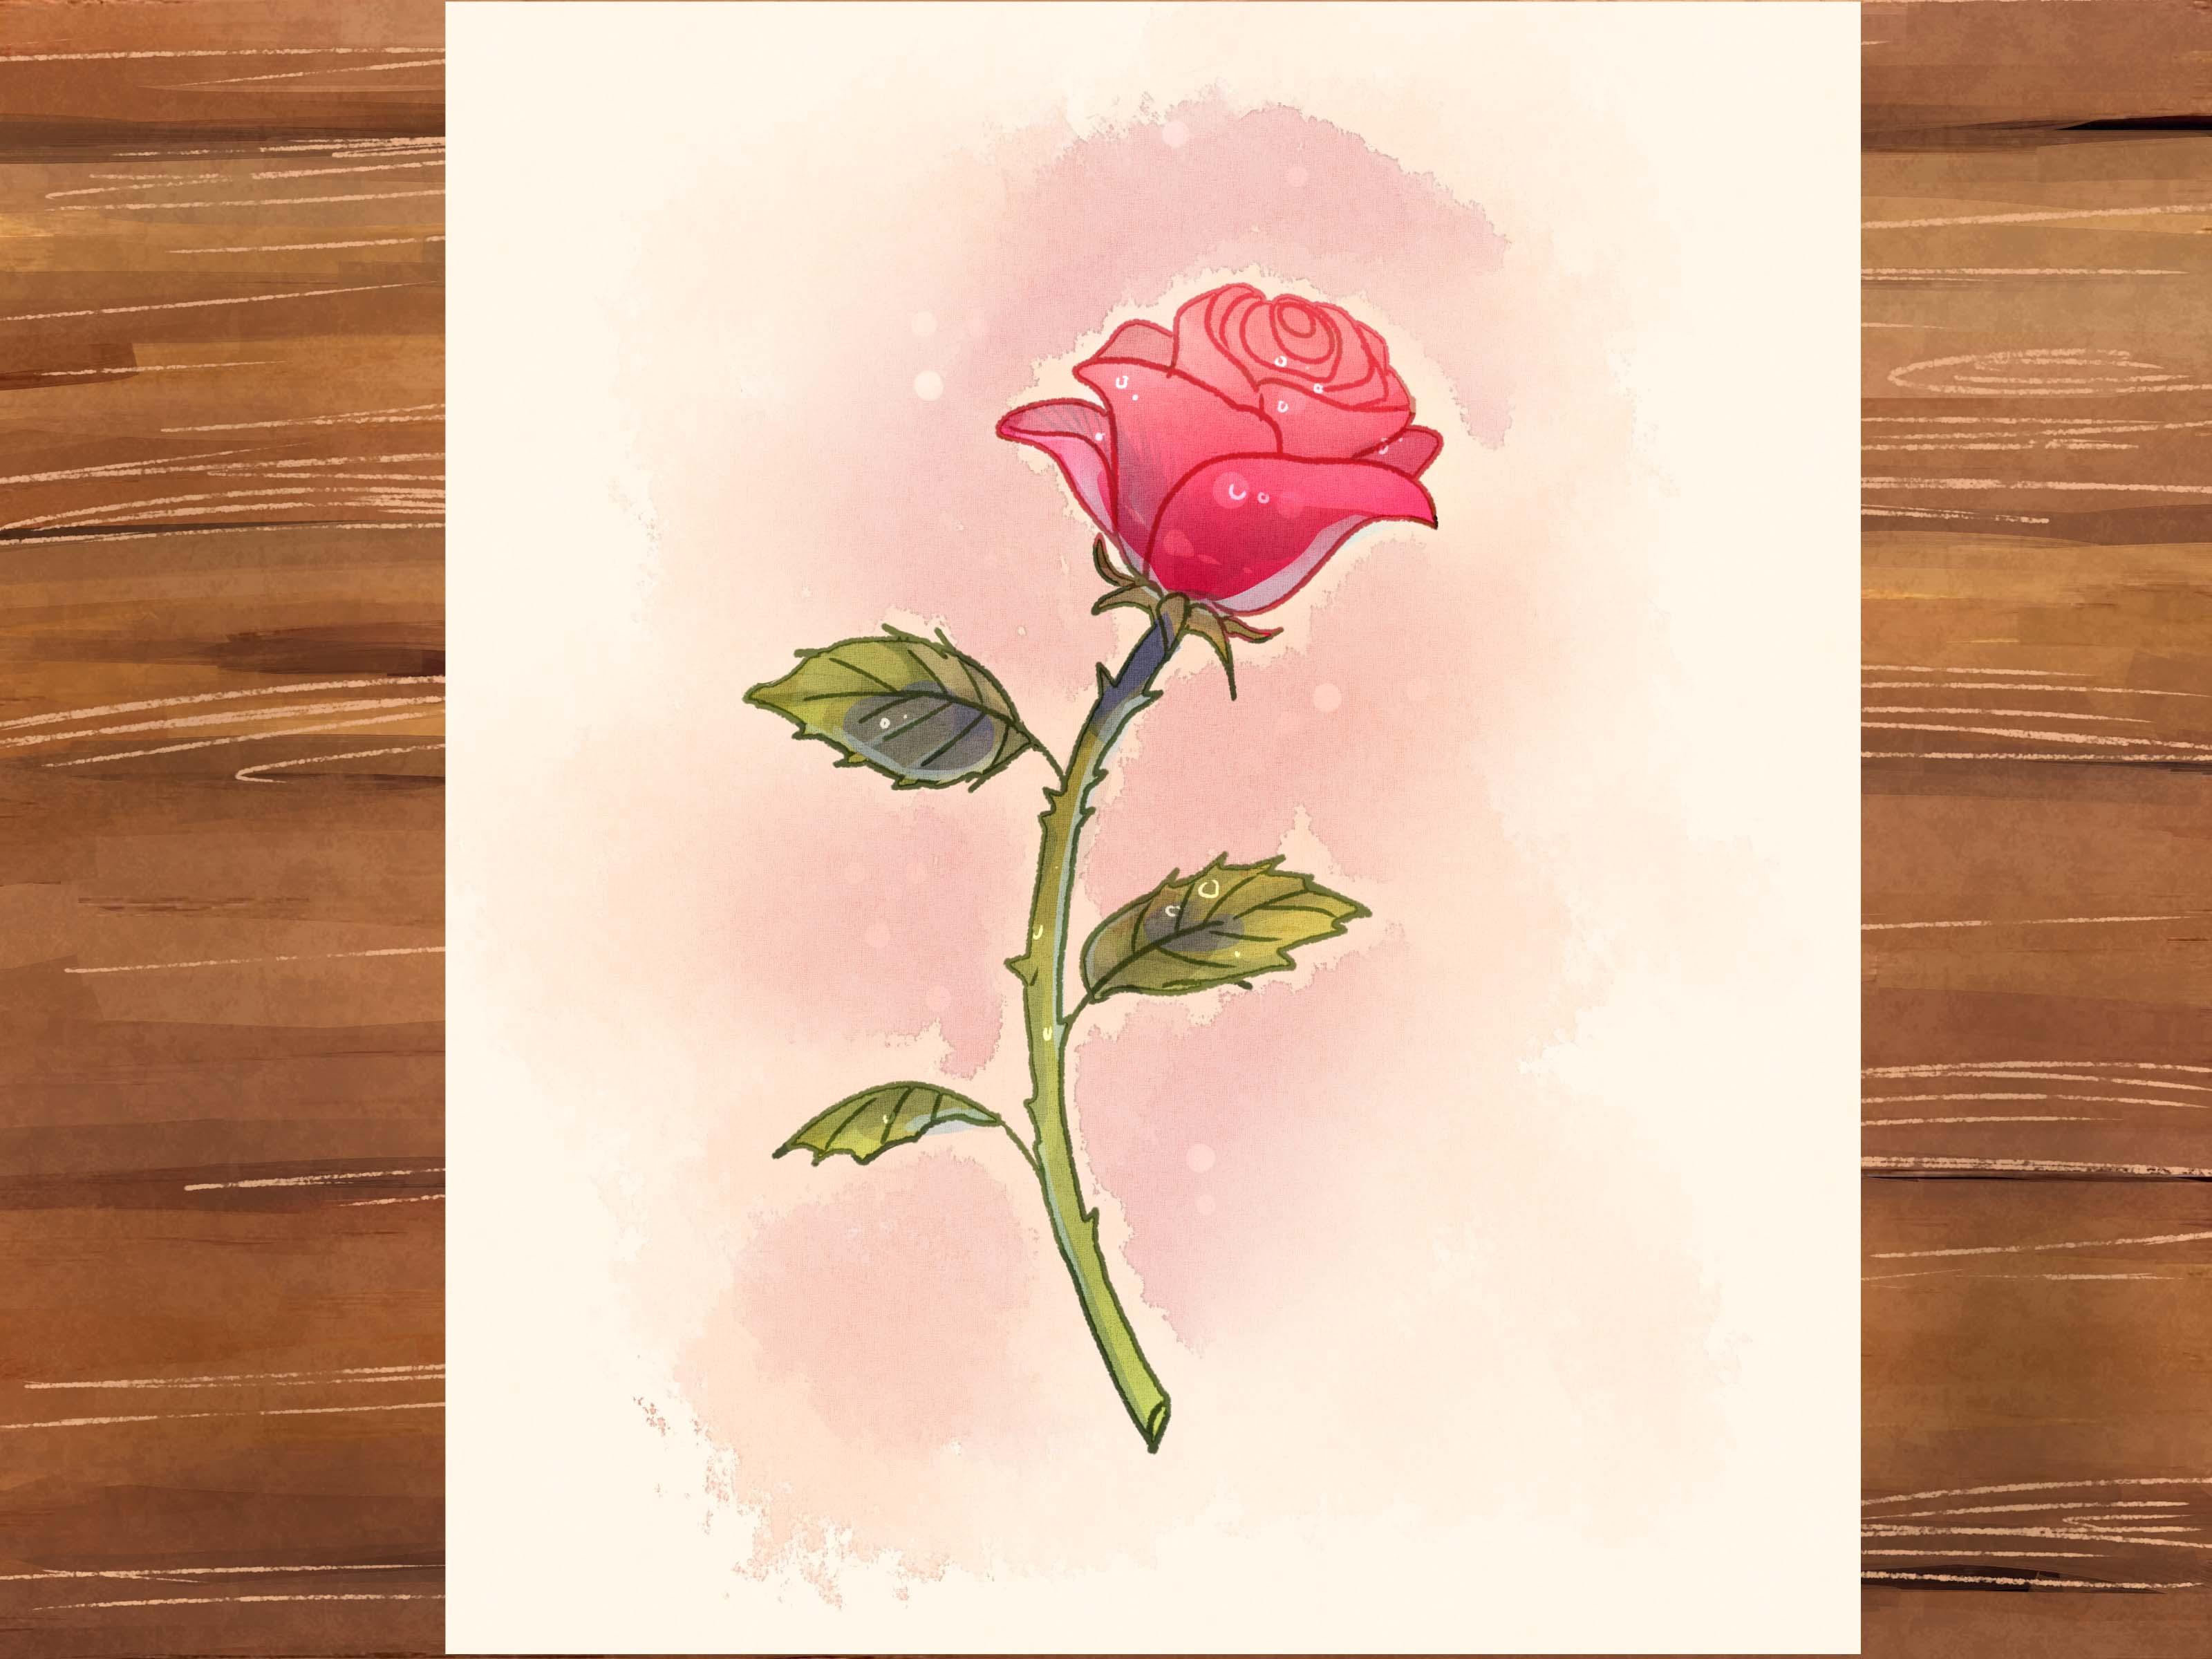 3200x2400 3 Ways To Draw A Rose